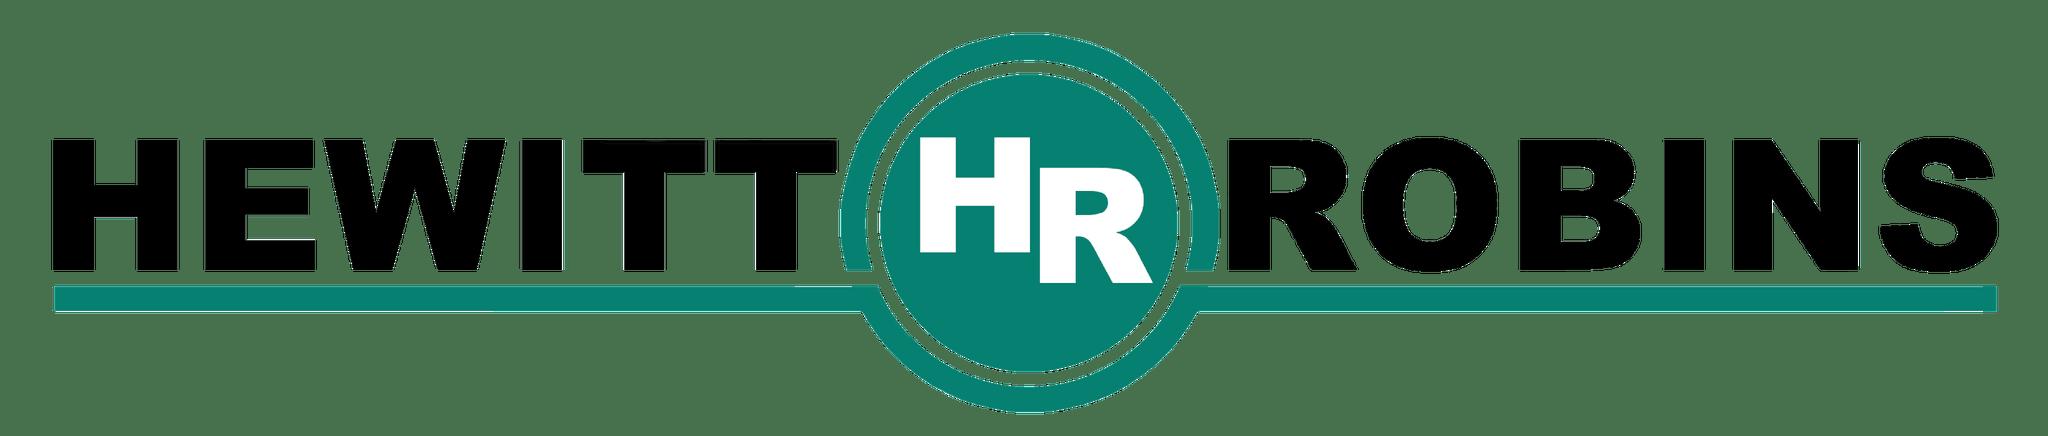 Hewitt Robins International Ltd